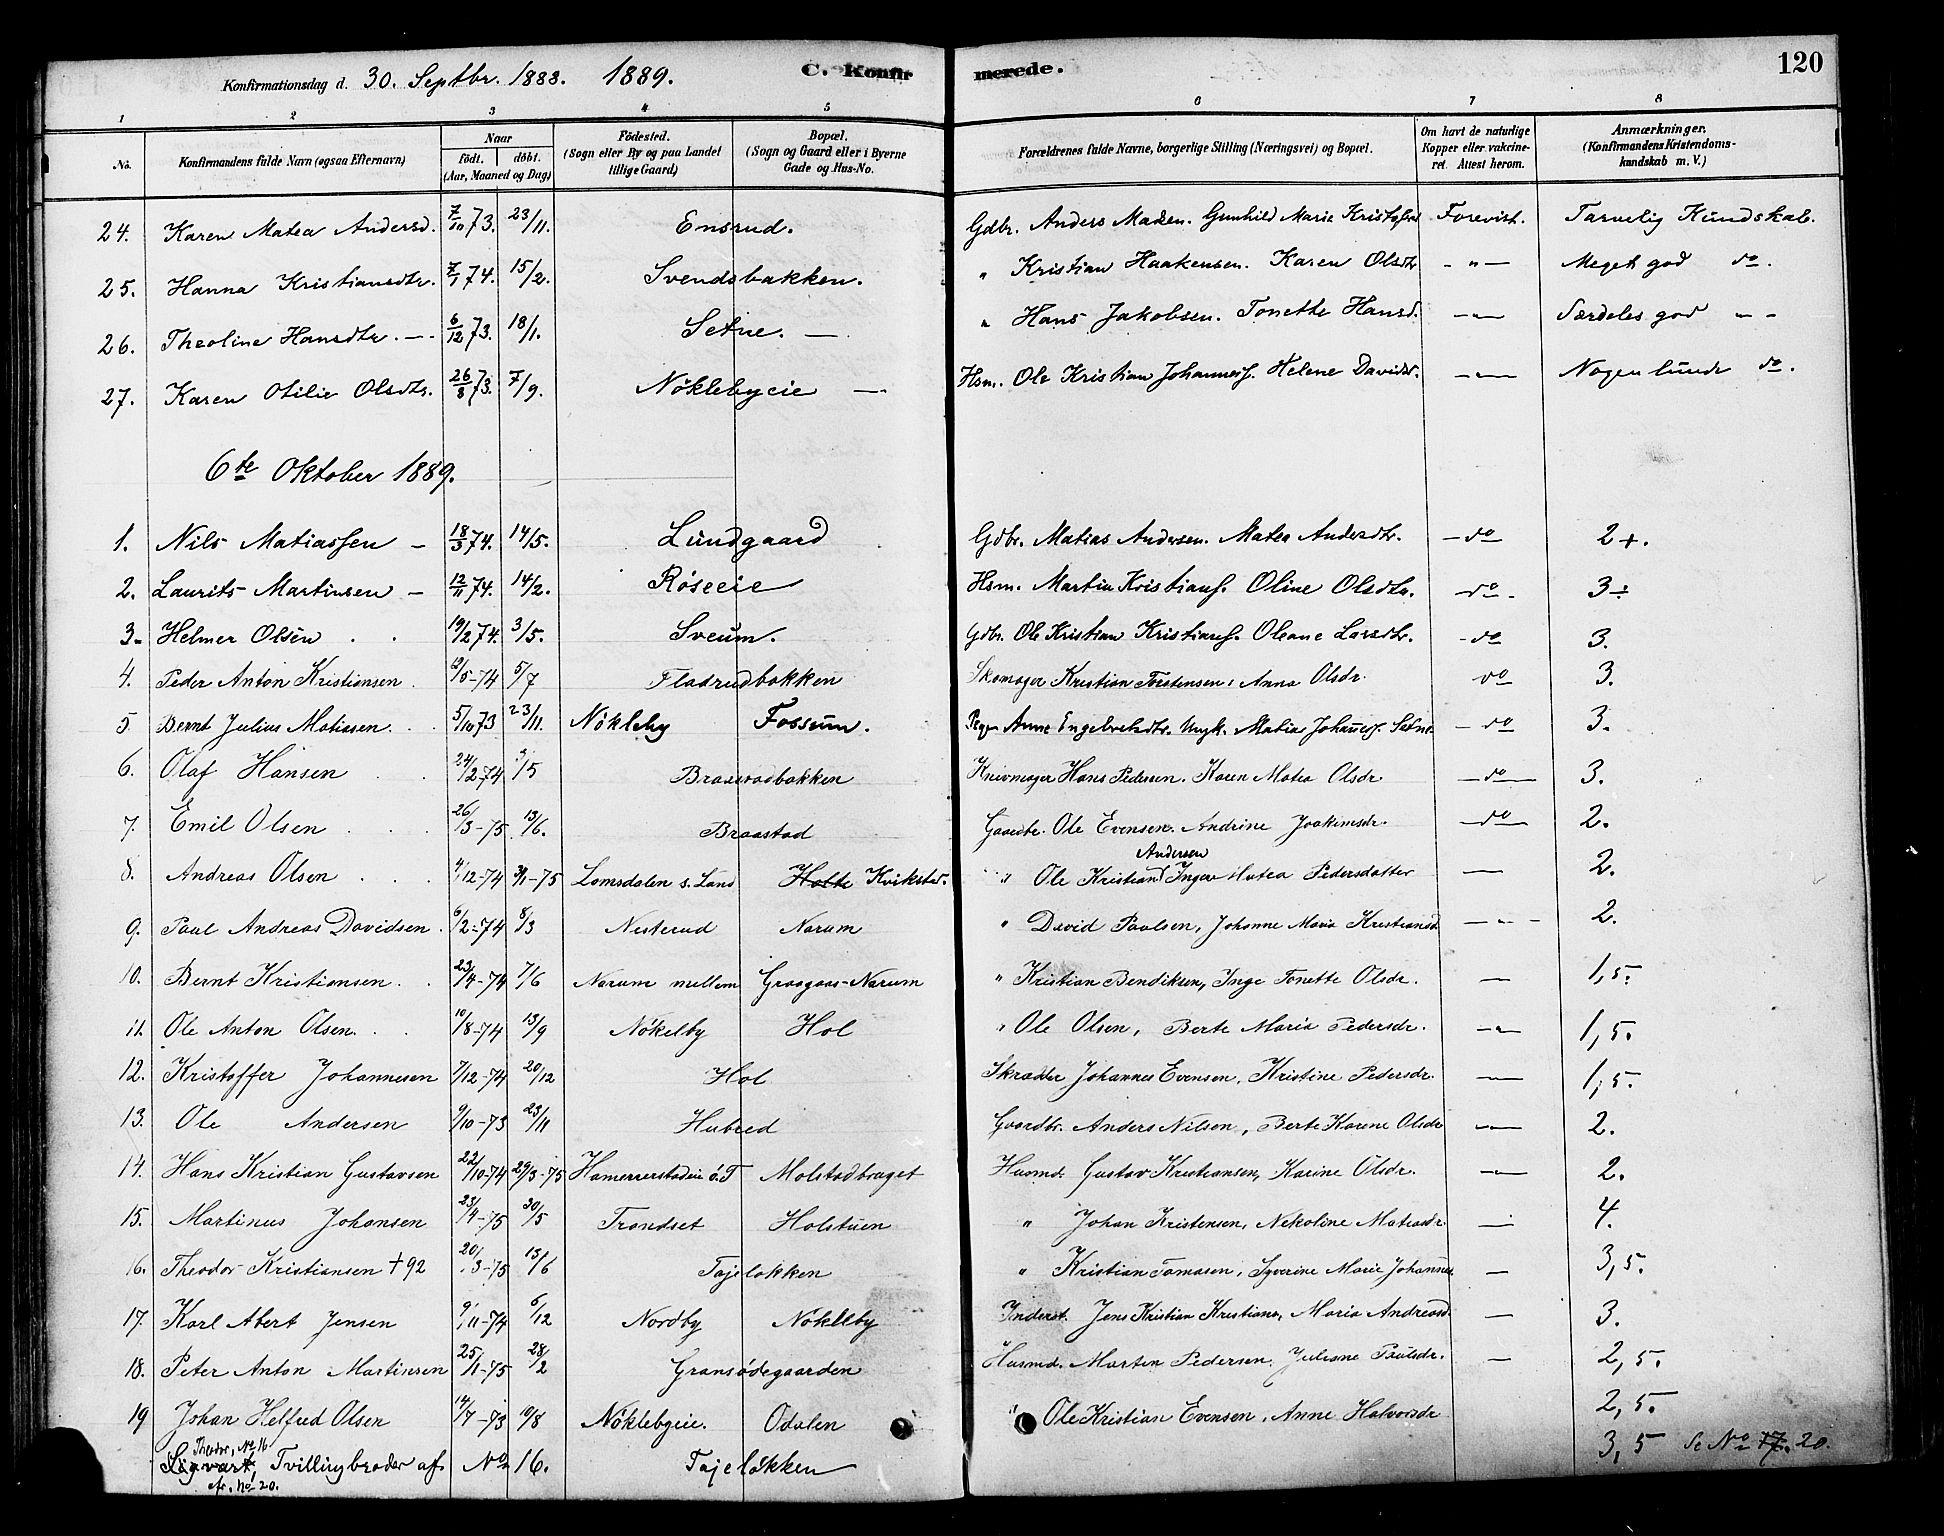 SAH, Vestre Toten prestekontor, Ministerialbok nr. 10, 1878-1894, s. 120